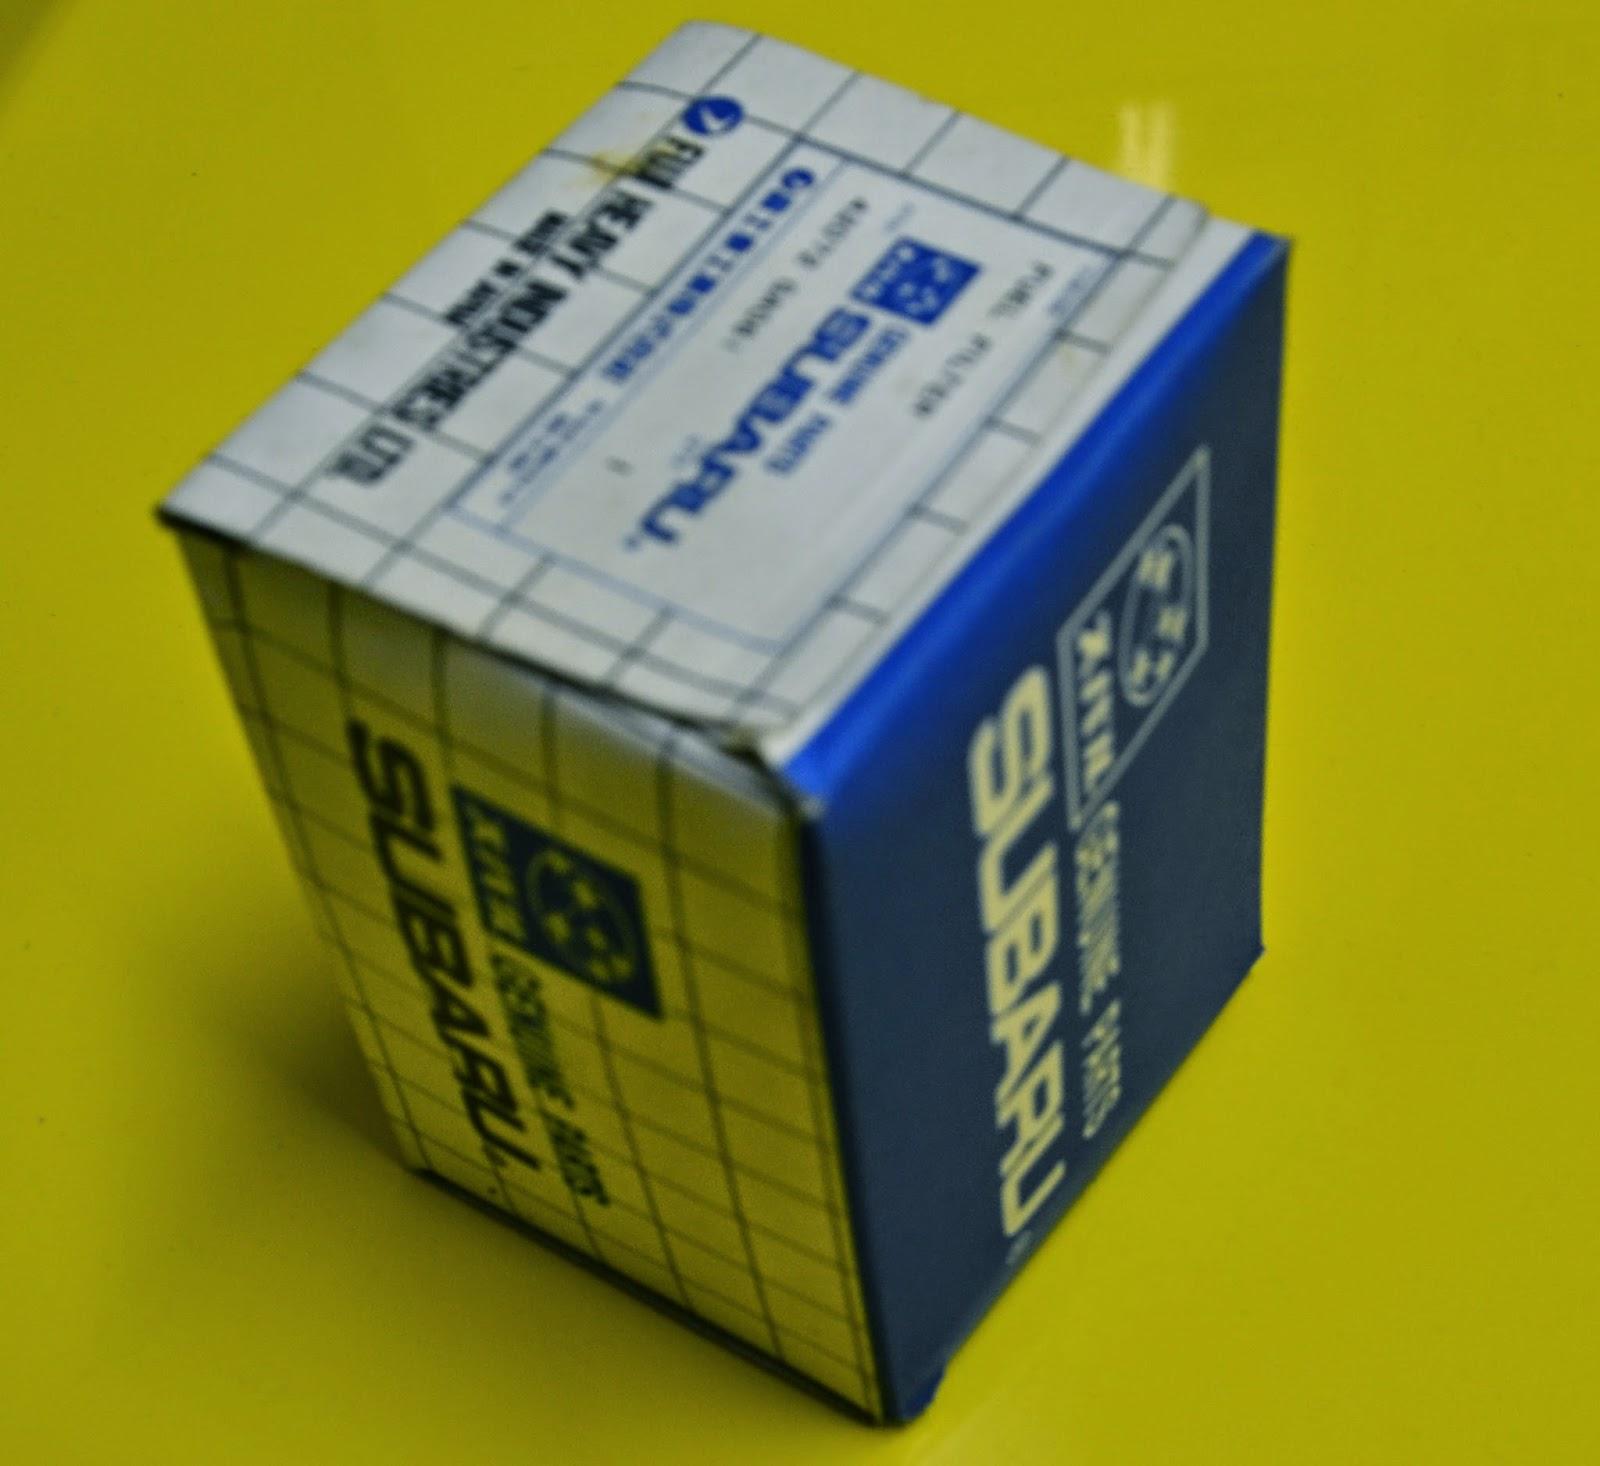 medium resolution of honda civic 96 00 hb tailgate dampers showa price 20